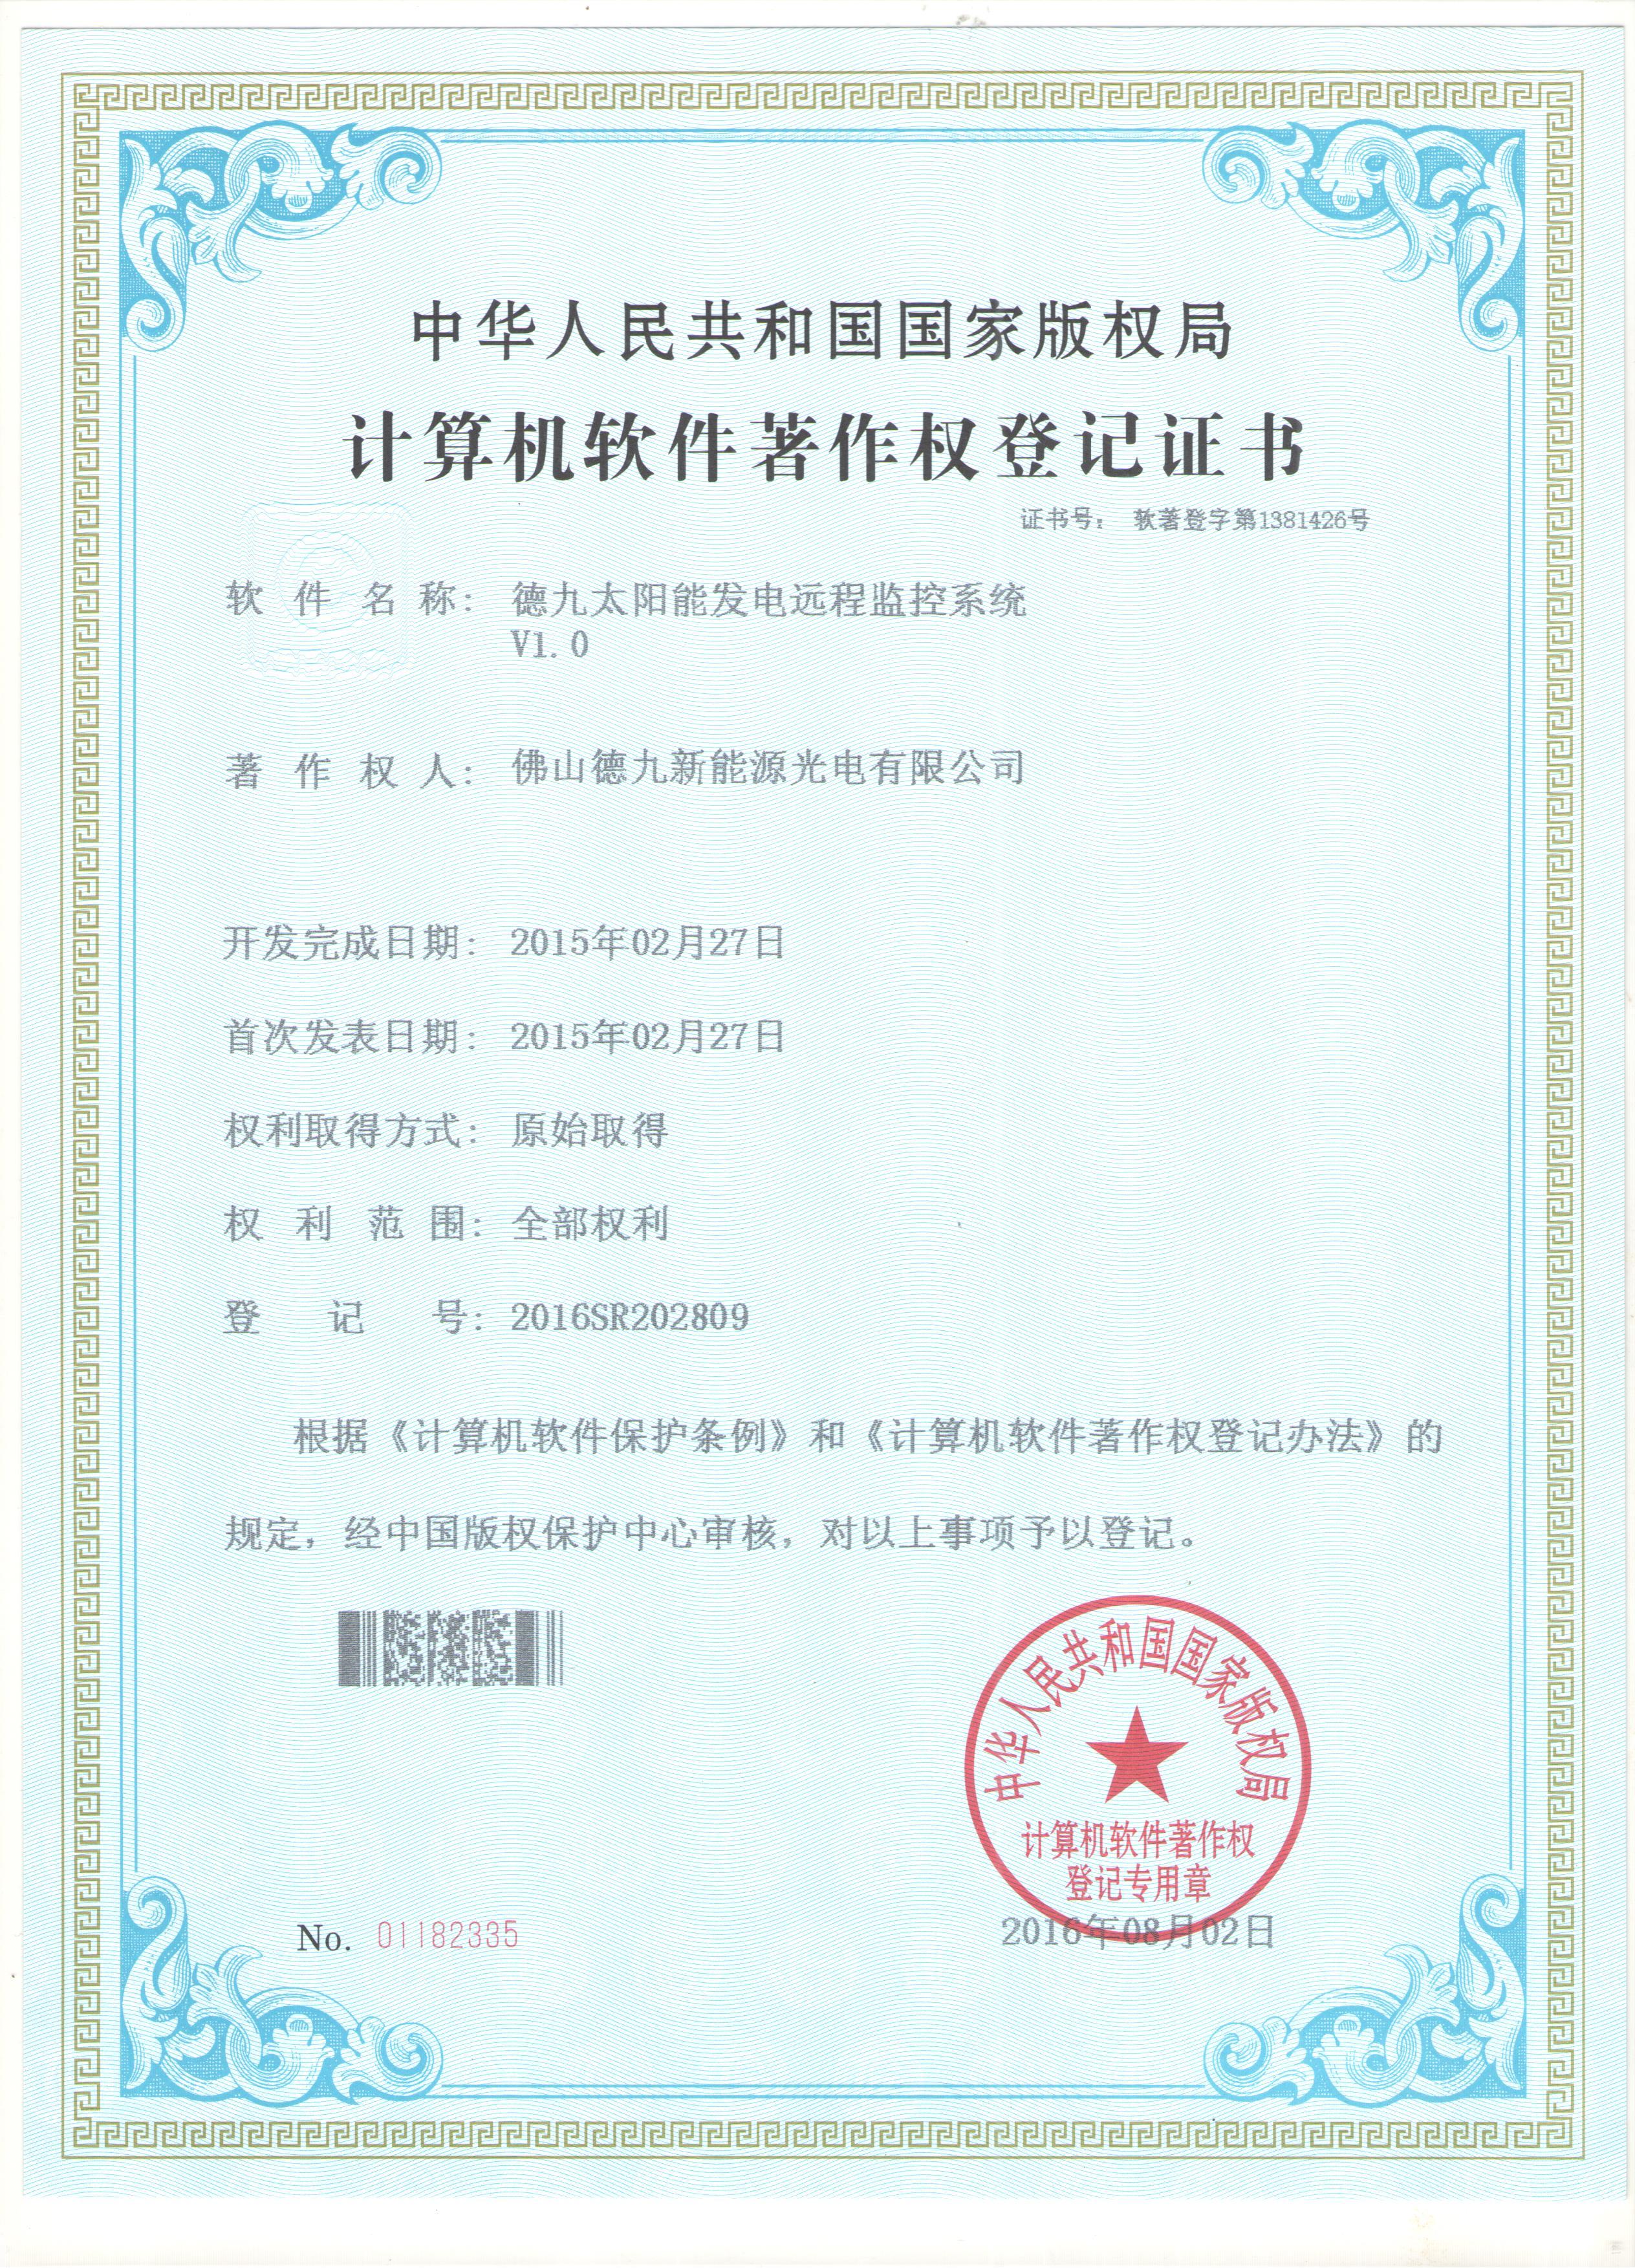 专利-软件著作权-软件著作权-德九太阳能远程发电远程监控系统V1.0